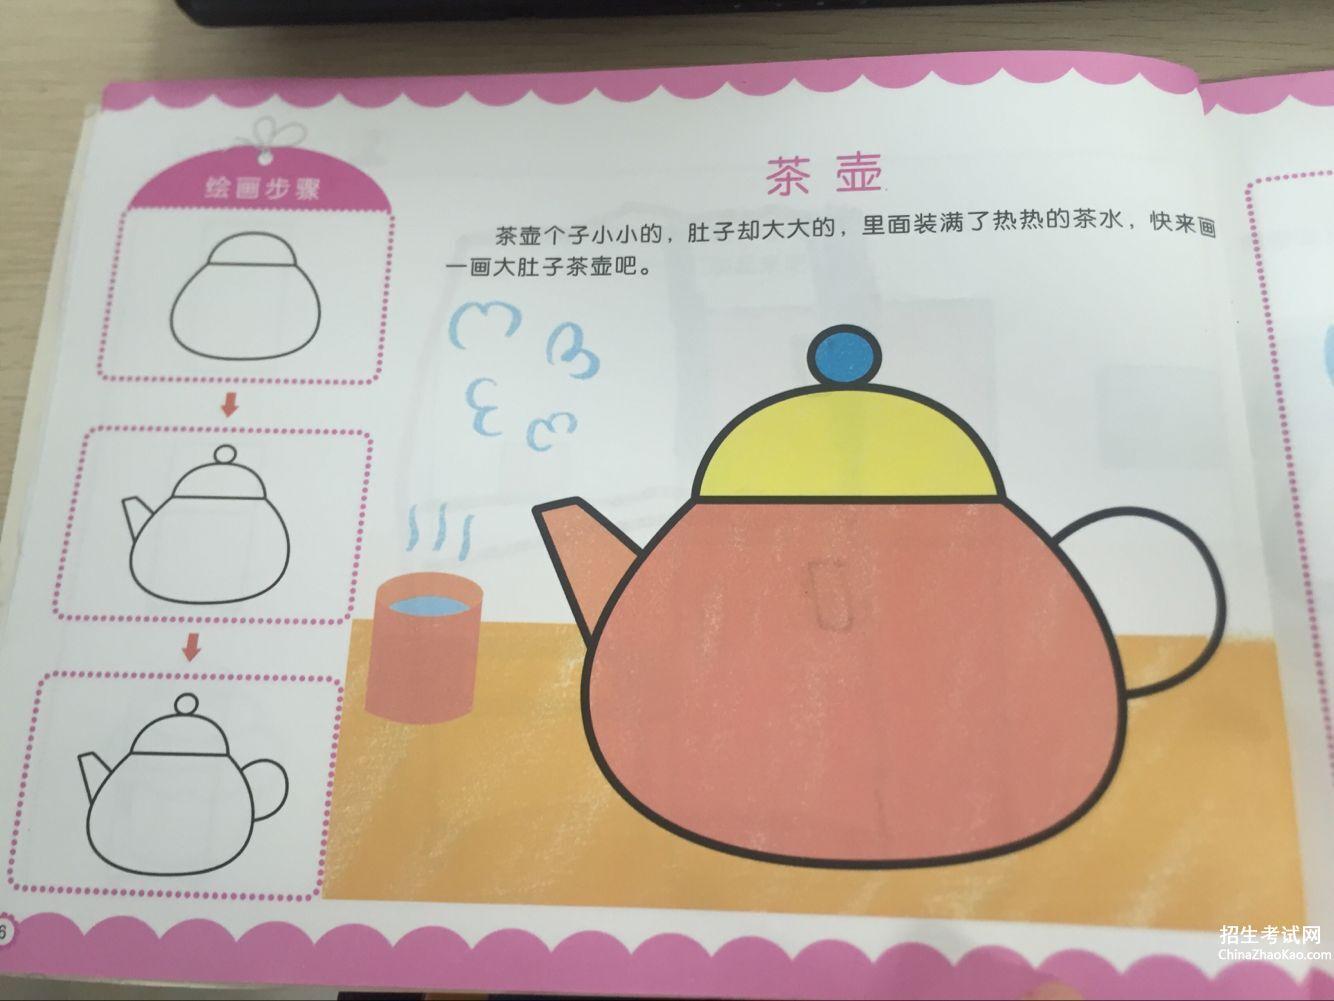 热门资讯 > > 茶壶简笔画及绘画步骤  下面是小编为大家提供的茶壶简